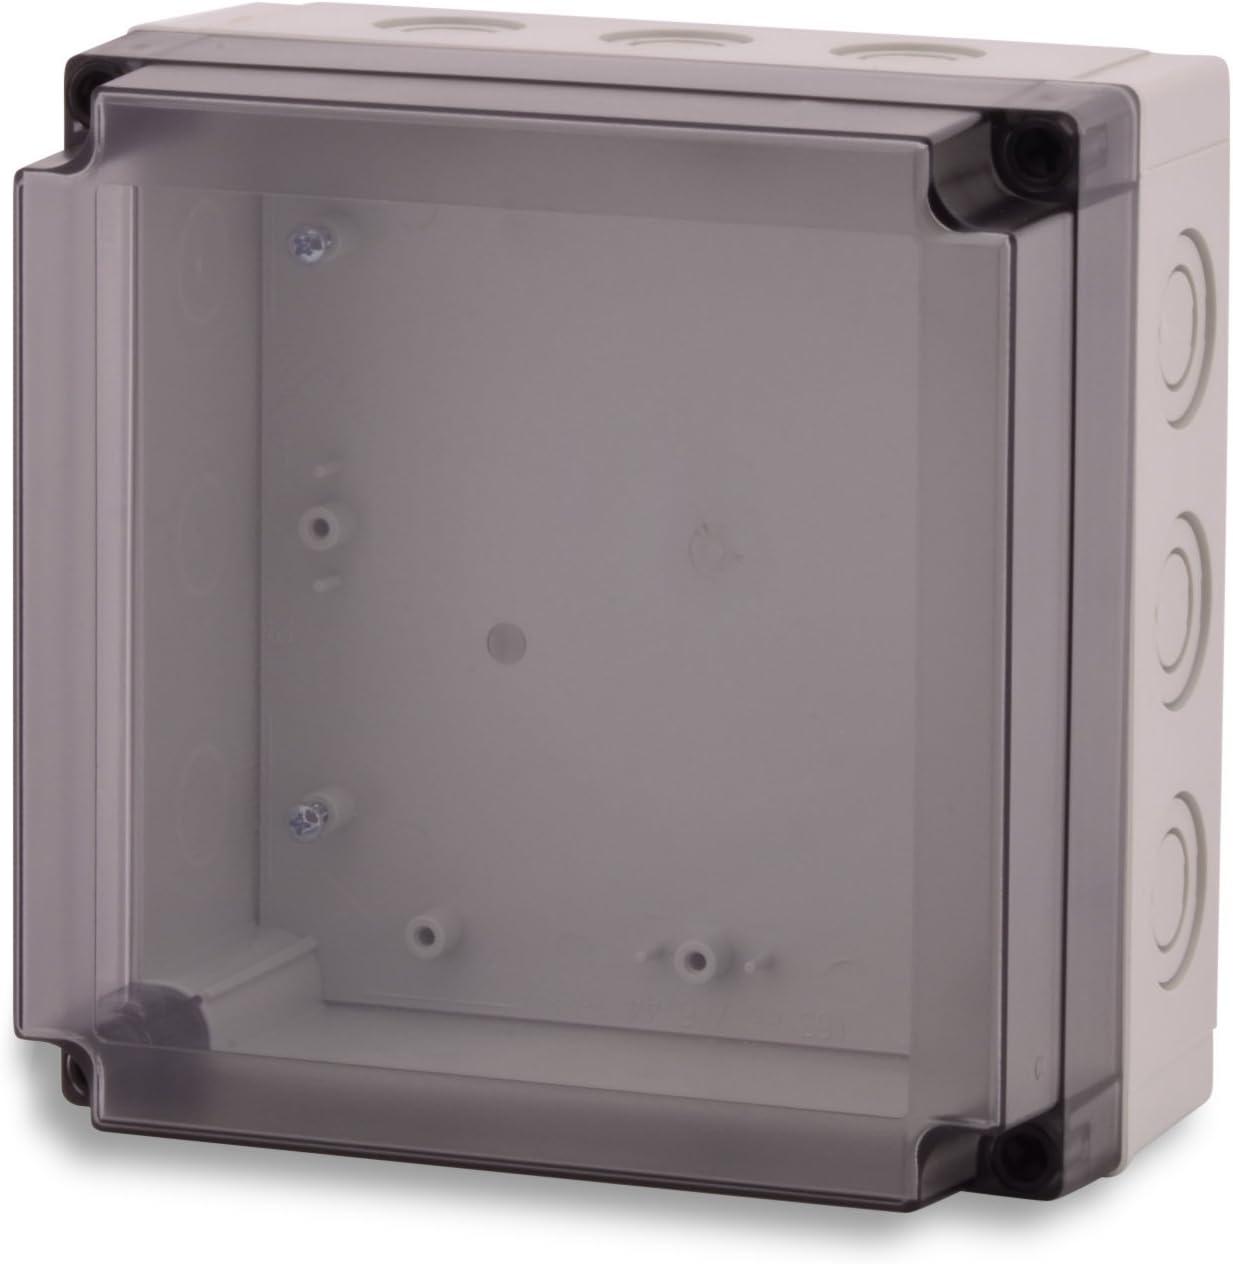 BOXEXPERT Kunststoff-Geh/äuse Industriegeh/äuse Serie Michel 130x 130x 100mm IP 67 grau RAL7035 Schaltschrank Verteilerkasten